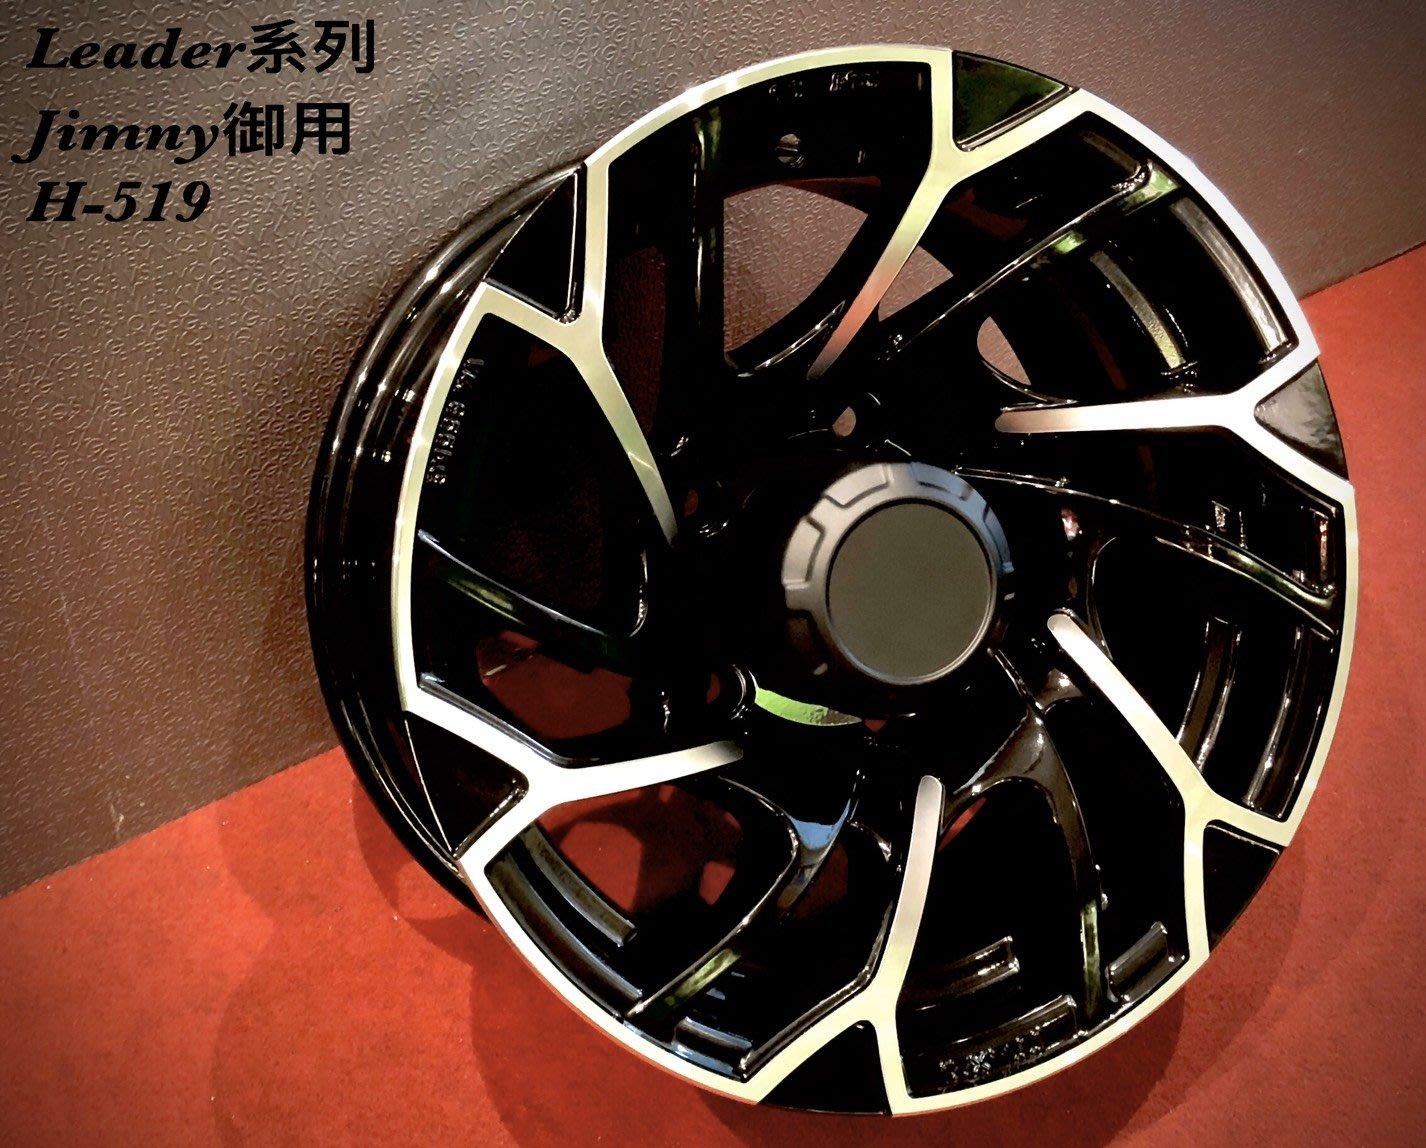 +OMG車坊+全新耀麒15吋鋁圈 H519 JIMNY專用 5X139.7 7J ET0 鋼琴黑車面 台灣製